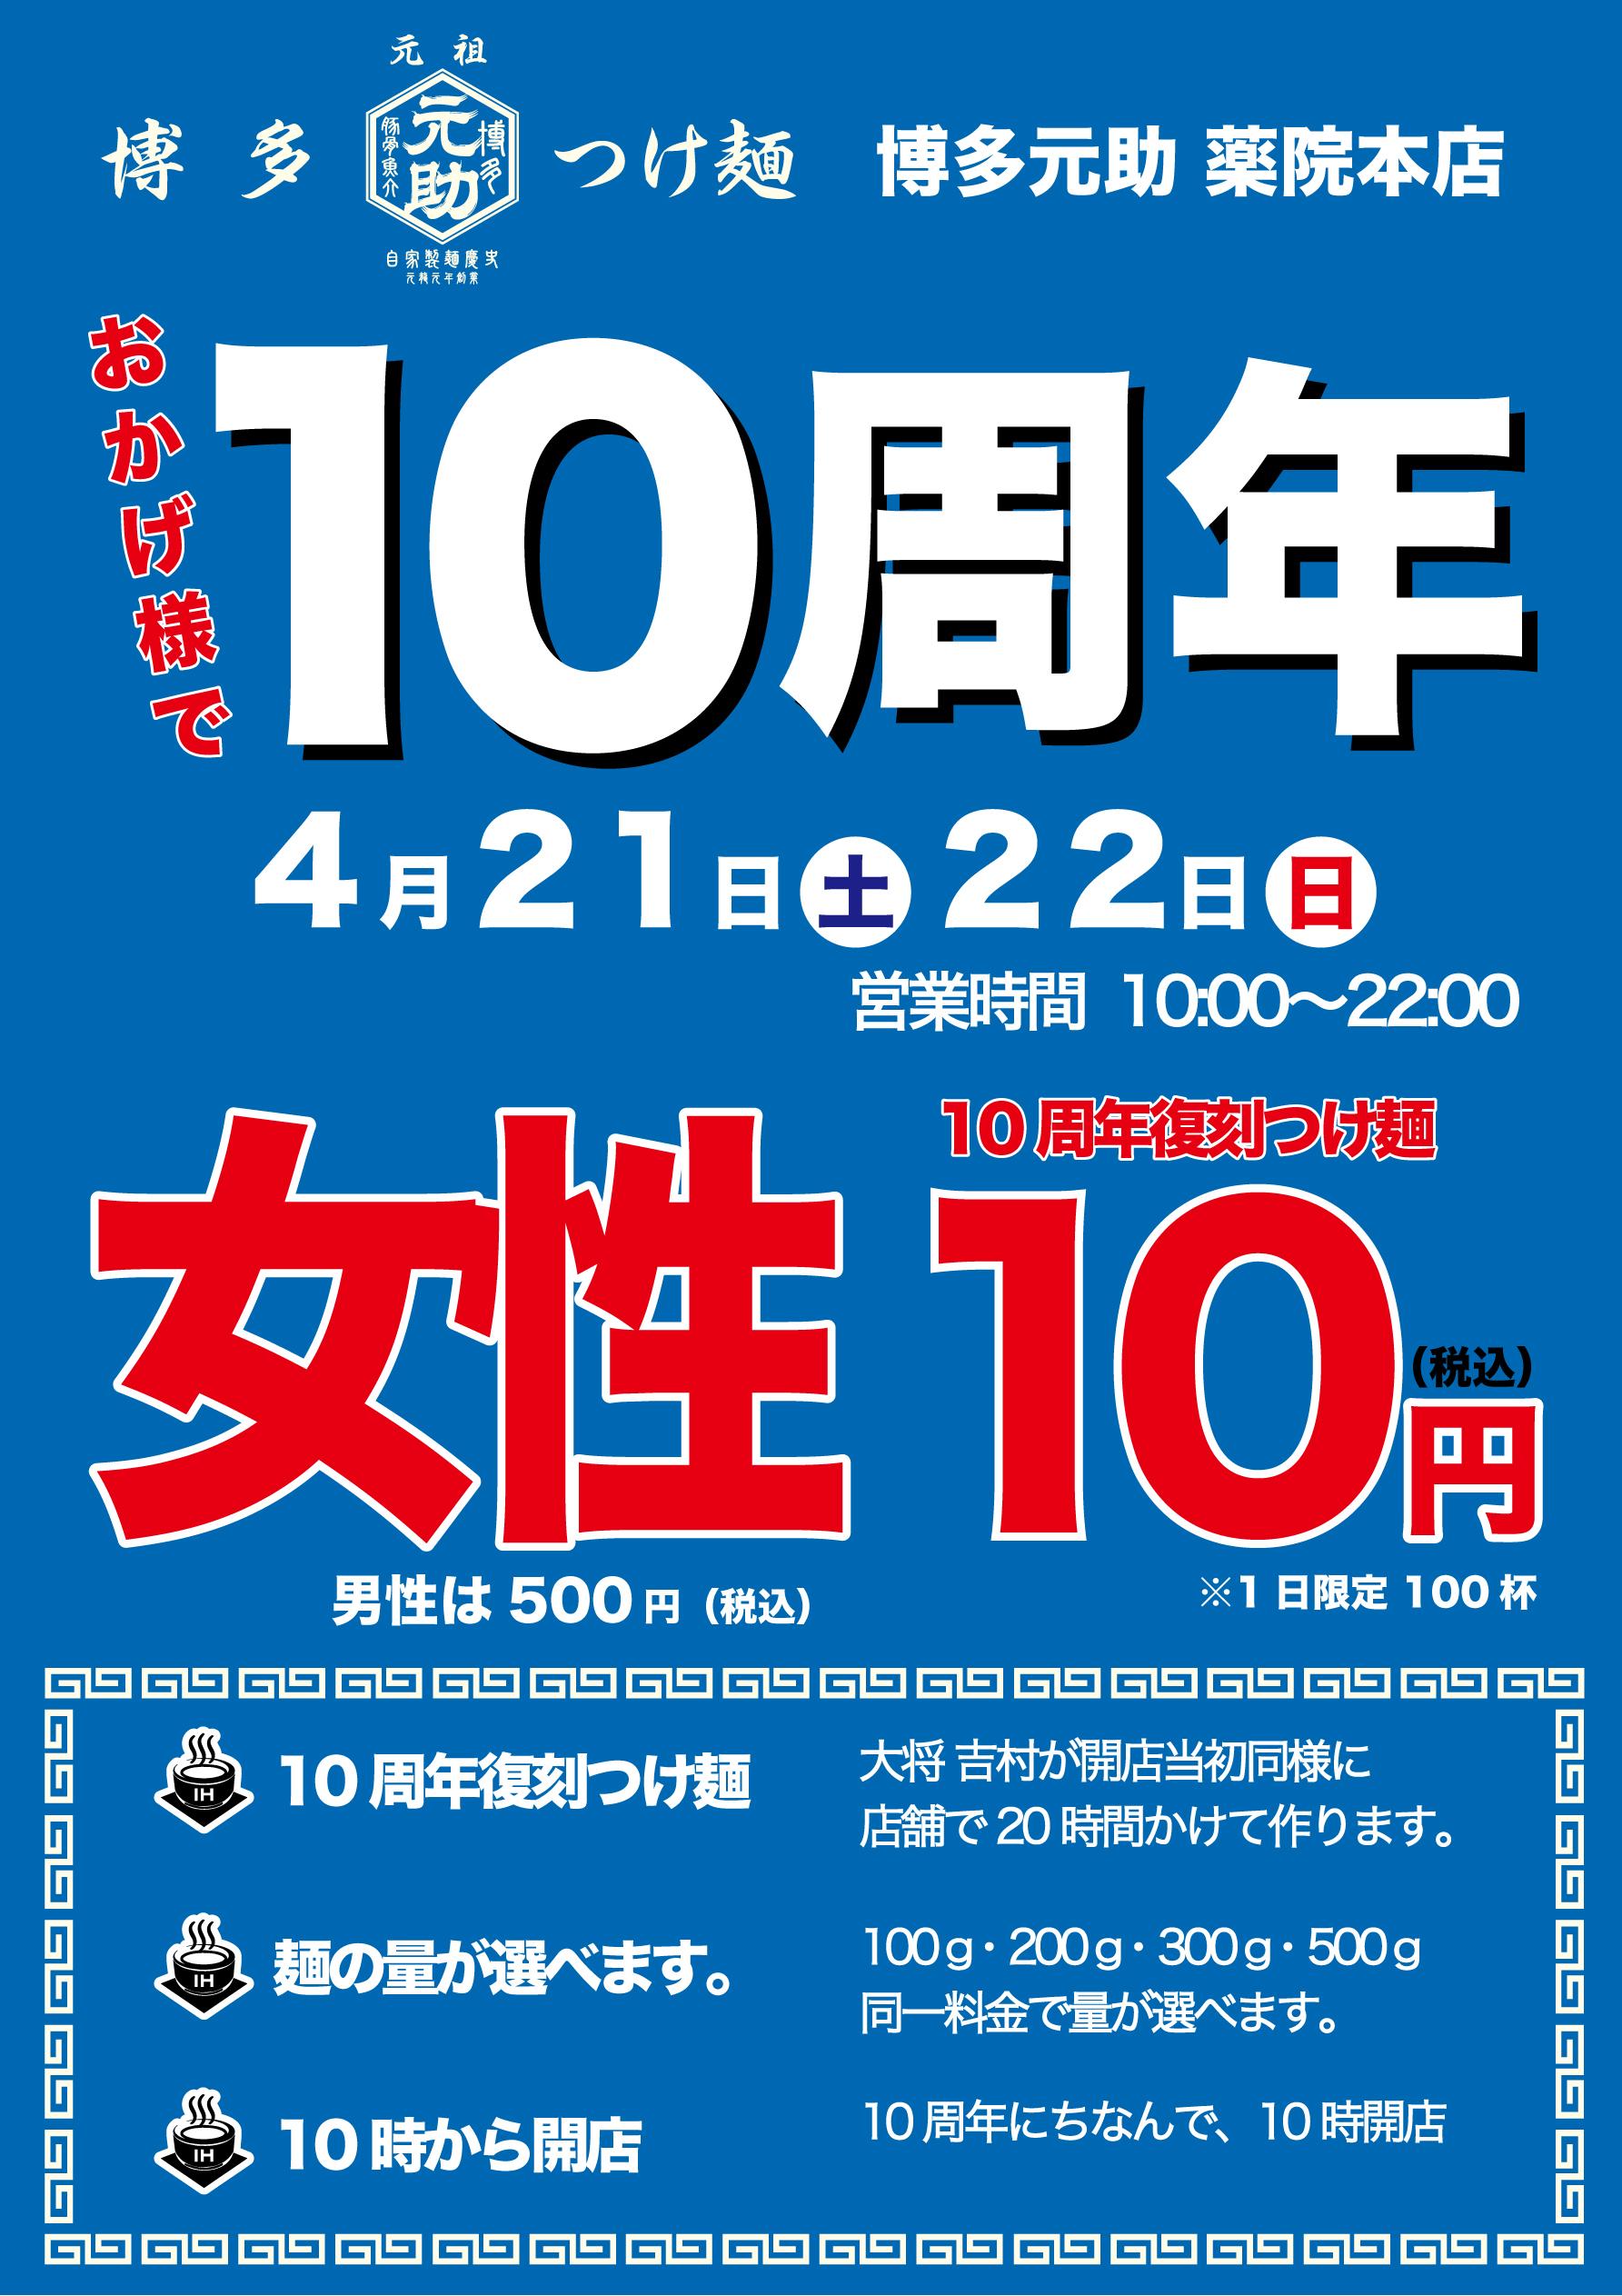 博多元助 10周年祭